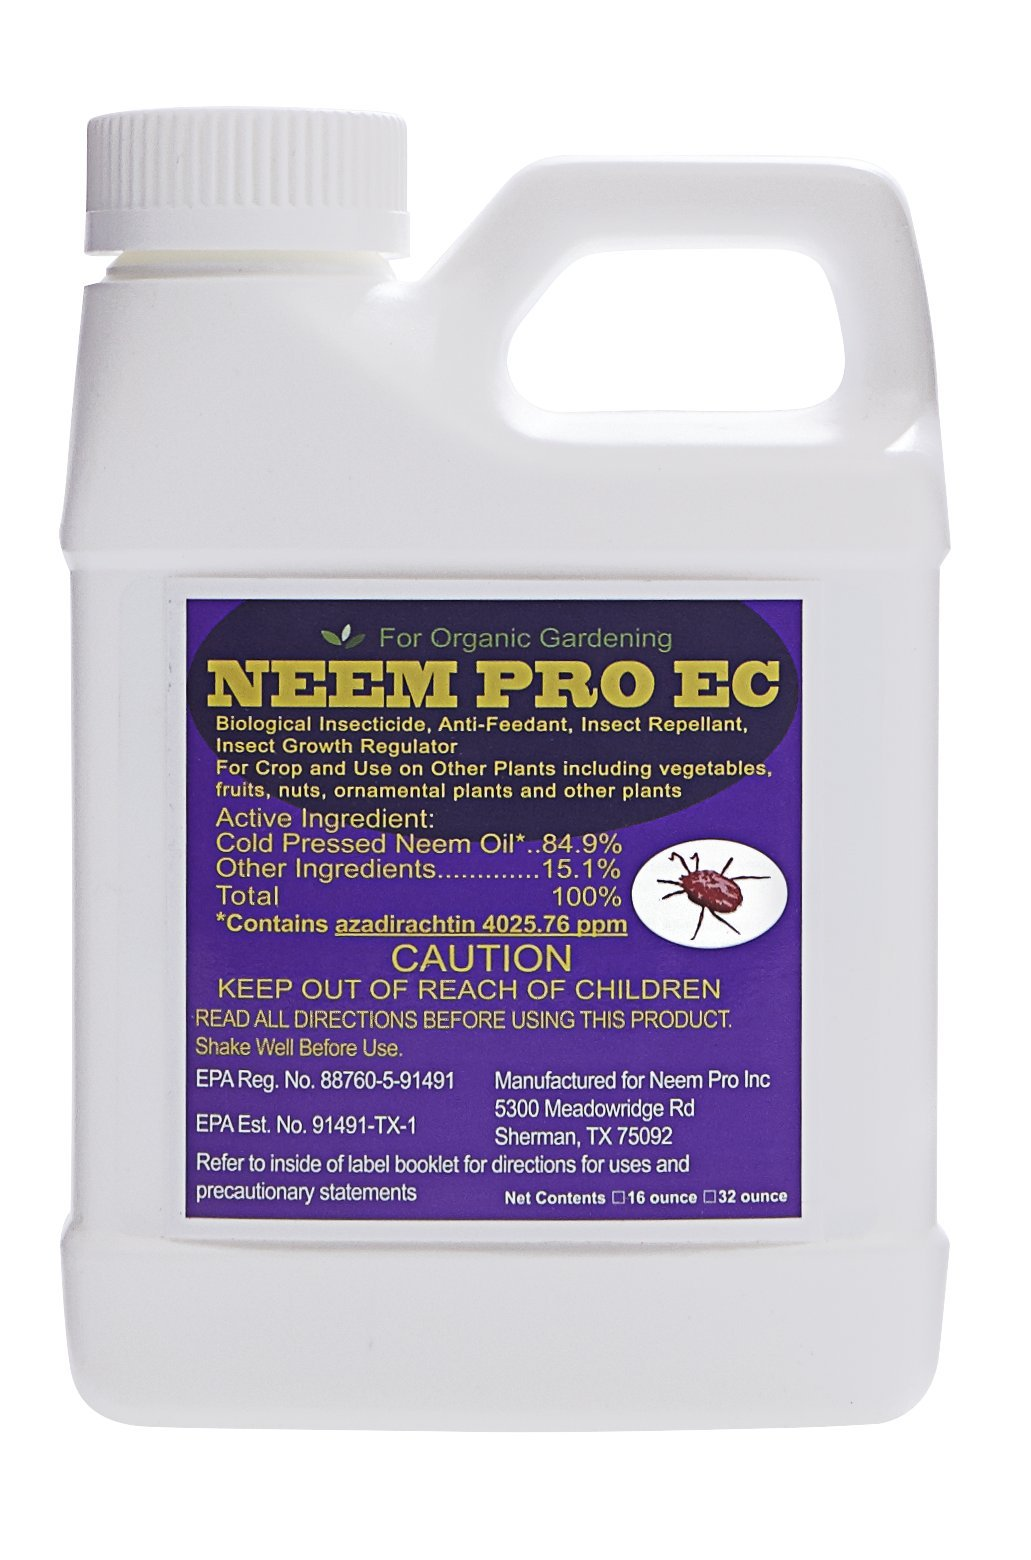 Neem Pro EC 32 ounce bottle